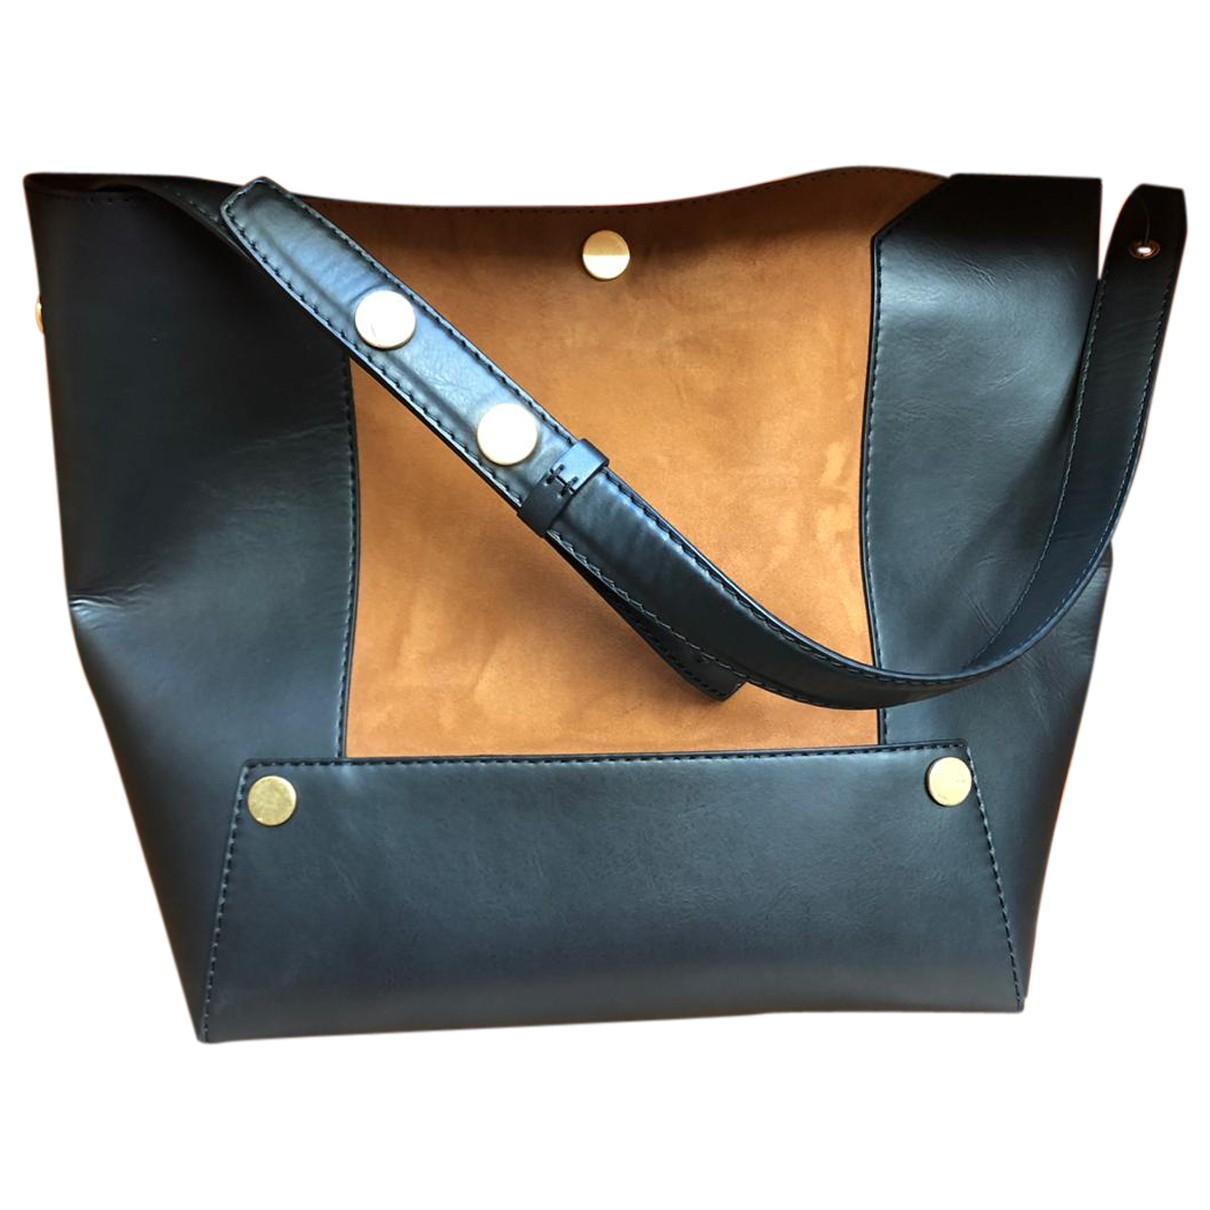 Stella Mccartney \N Handtasche in  Schwarz Synthetik